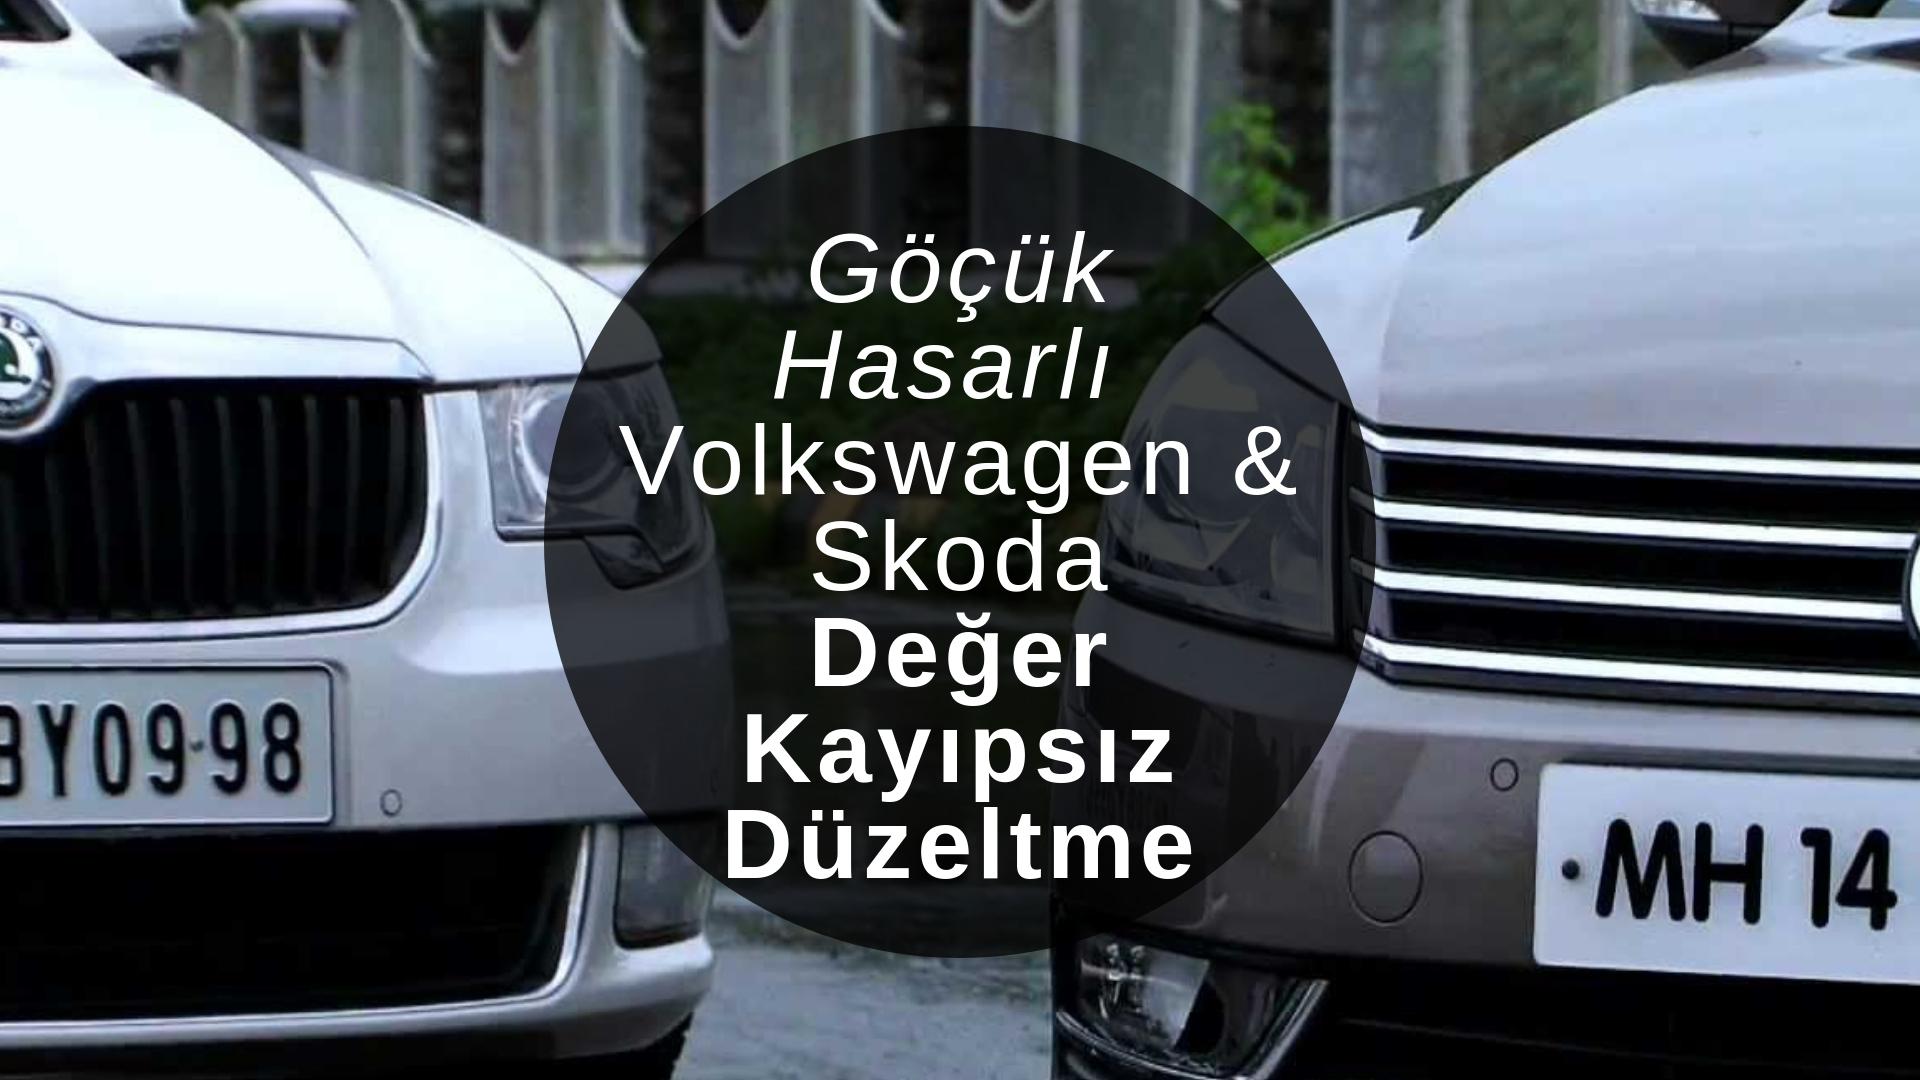 Göçük hasarlı Volkswagen ve Skoda değer kayıpsız düzeltme